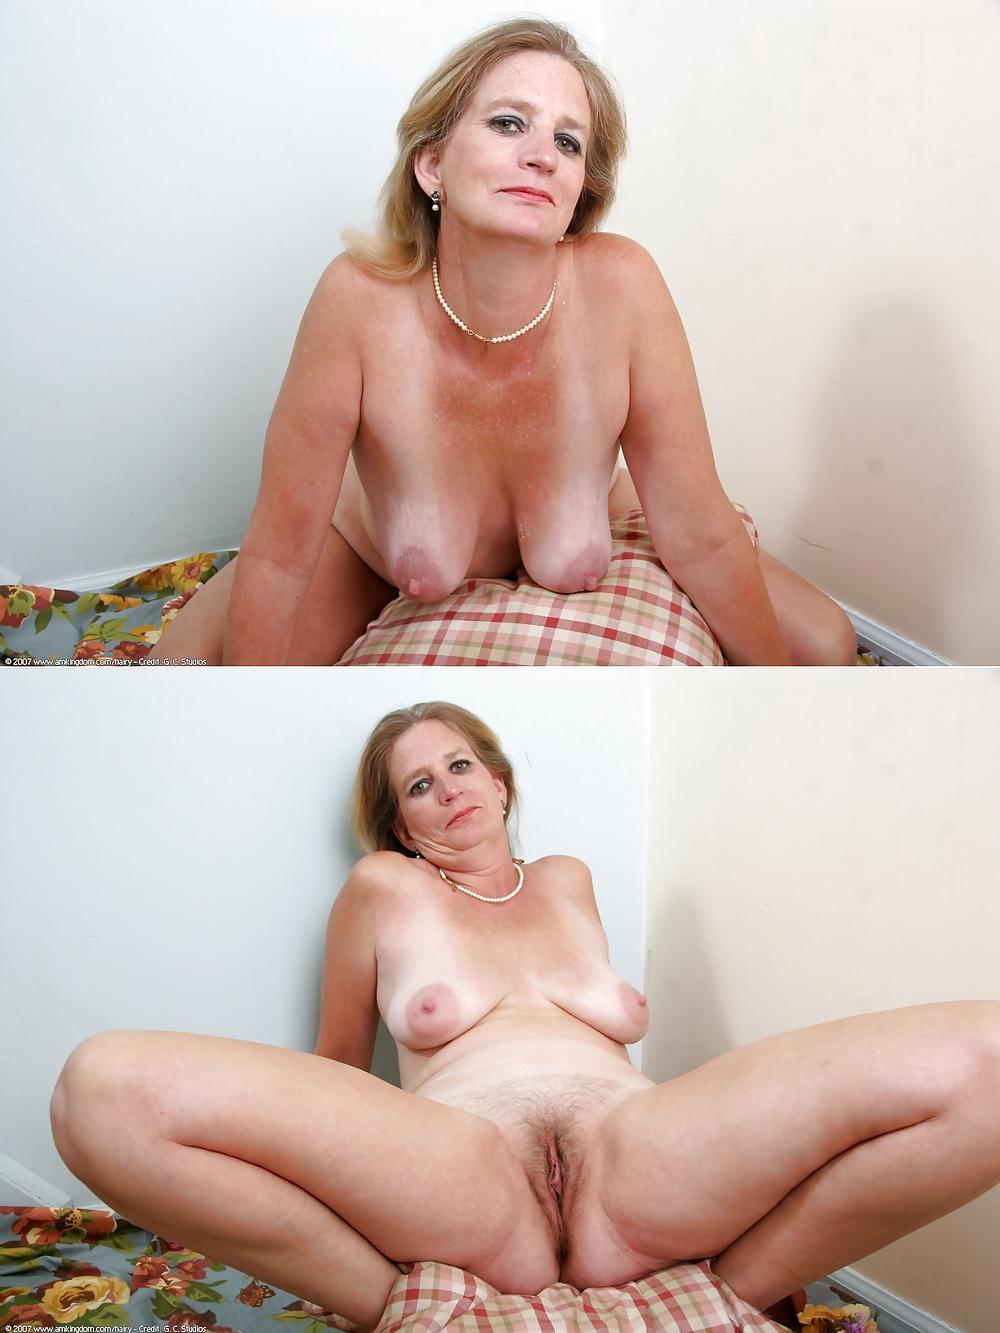 Фото голая женщина с раздвинутыми ногами 13 фотография